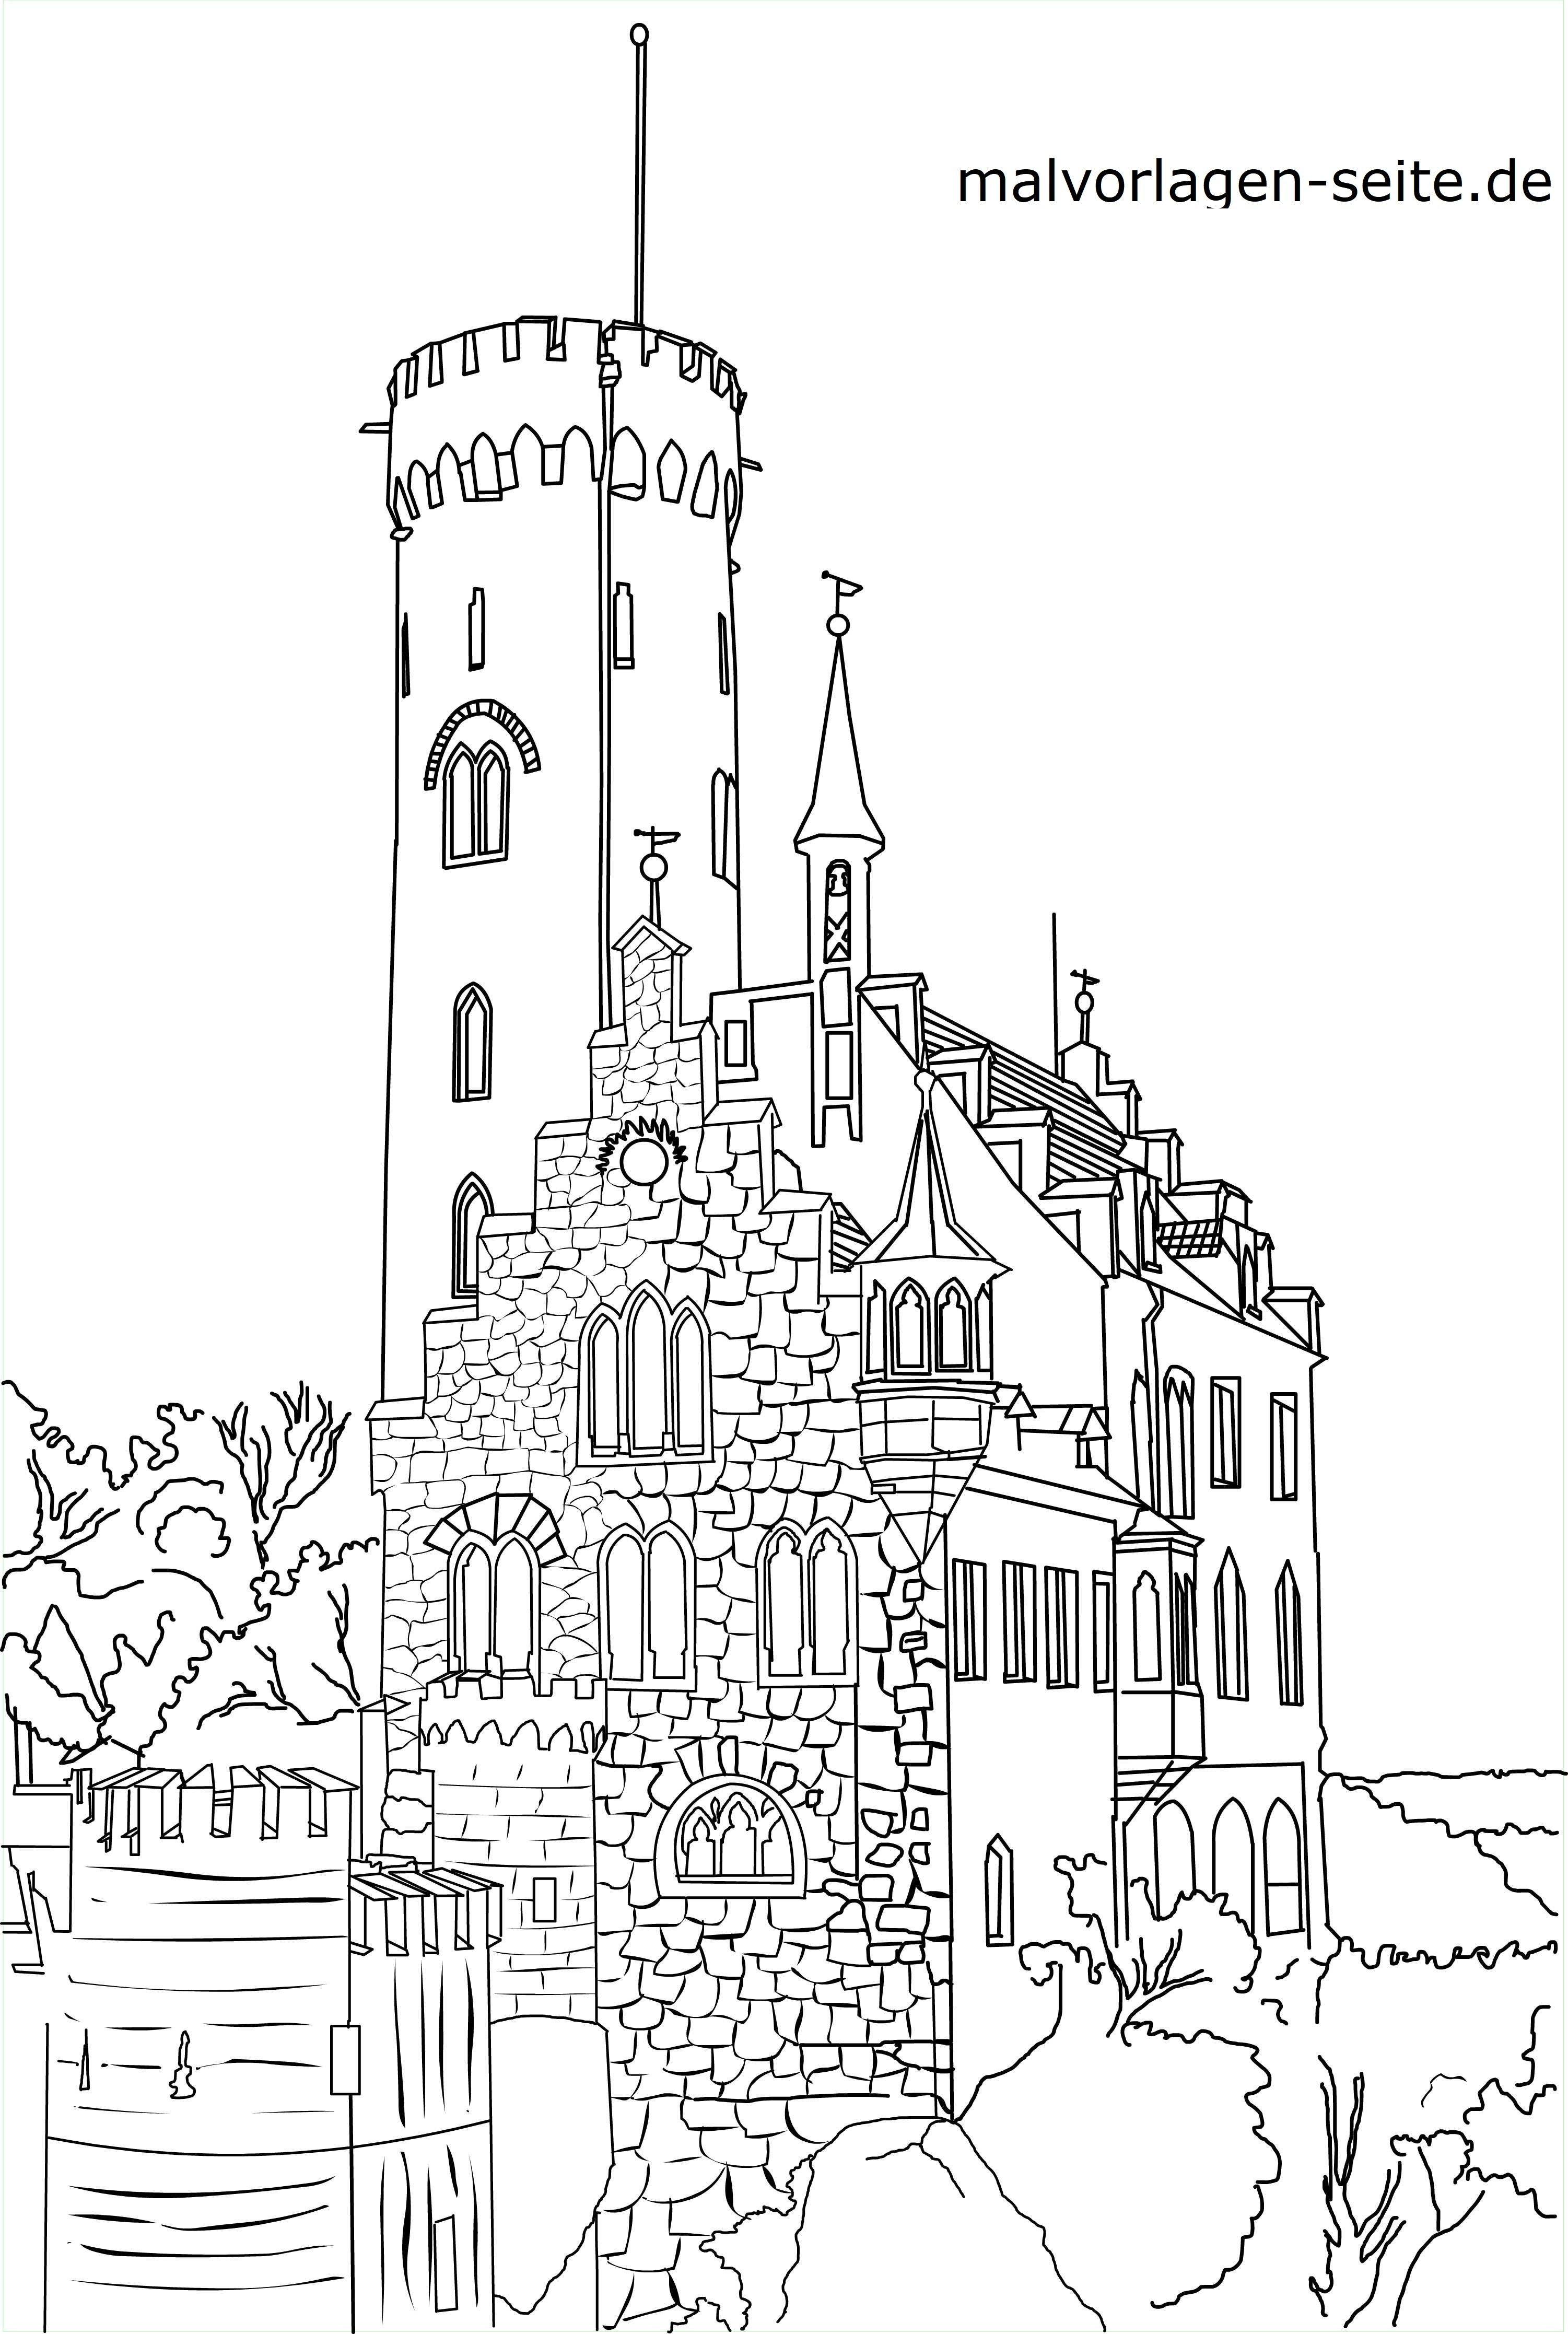 Einzigartig Ausmalbilder Schloss Farbung Malvorlagen Malvorlagenfurkinder Elsa Ausmalbild Ausmalbilder Ausmalen